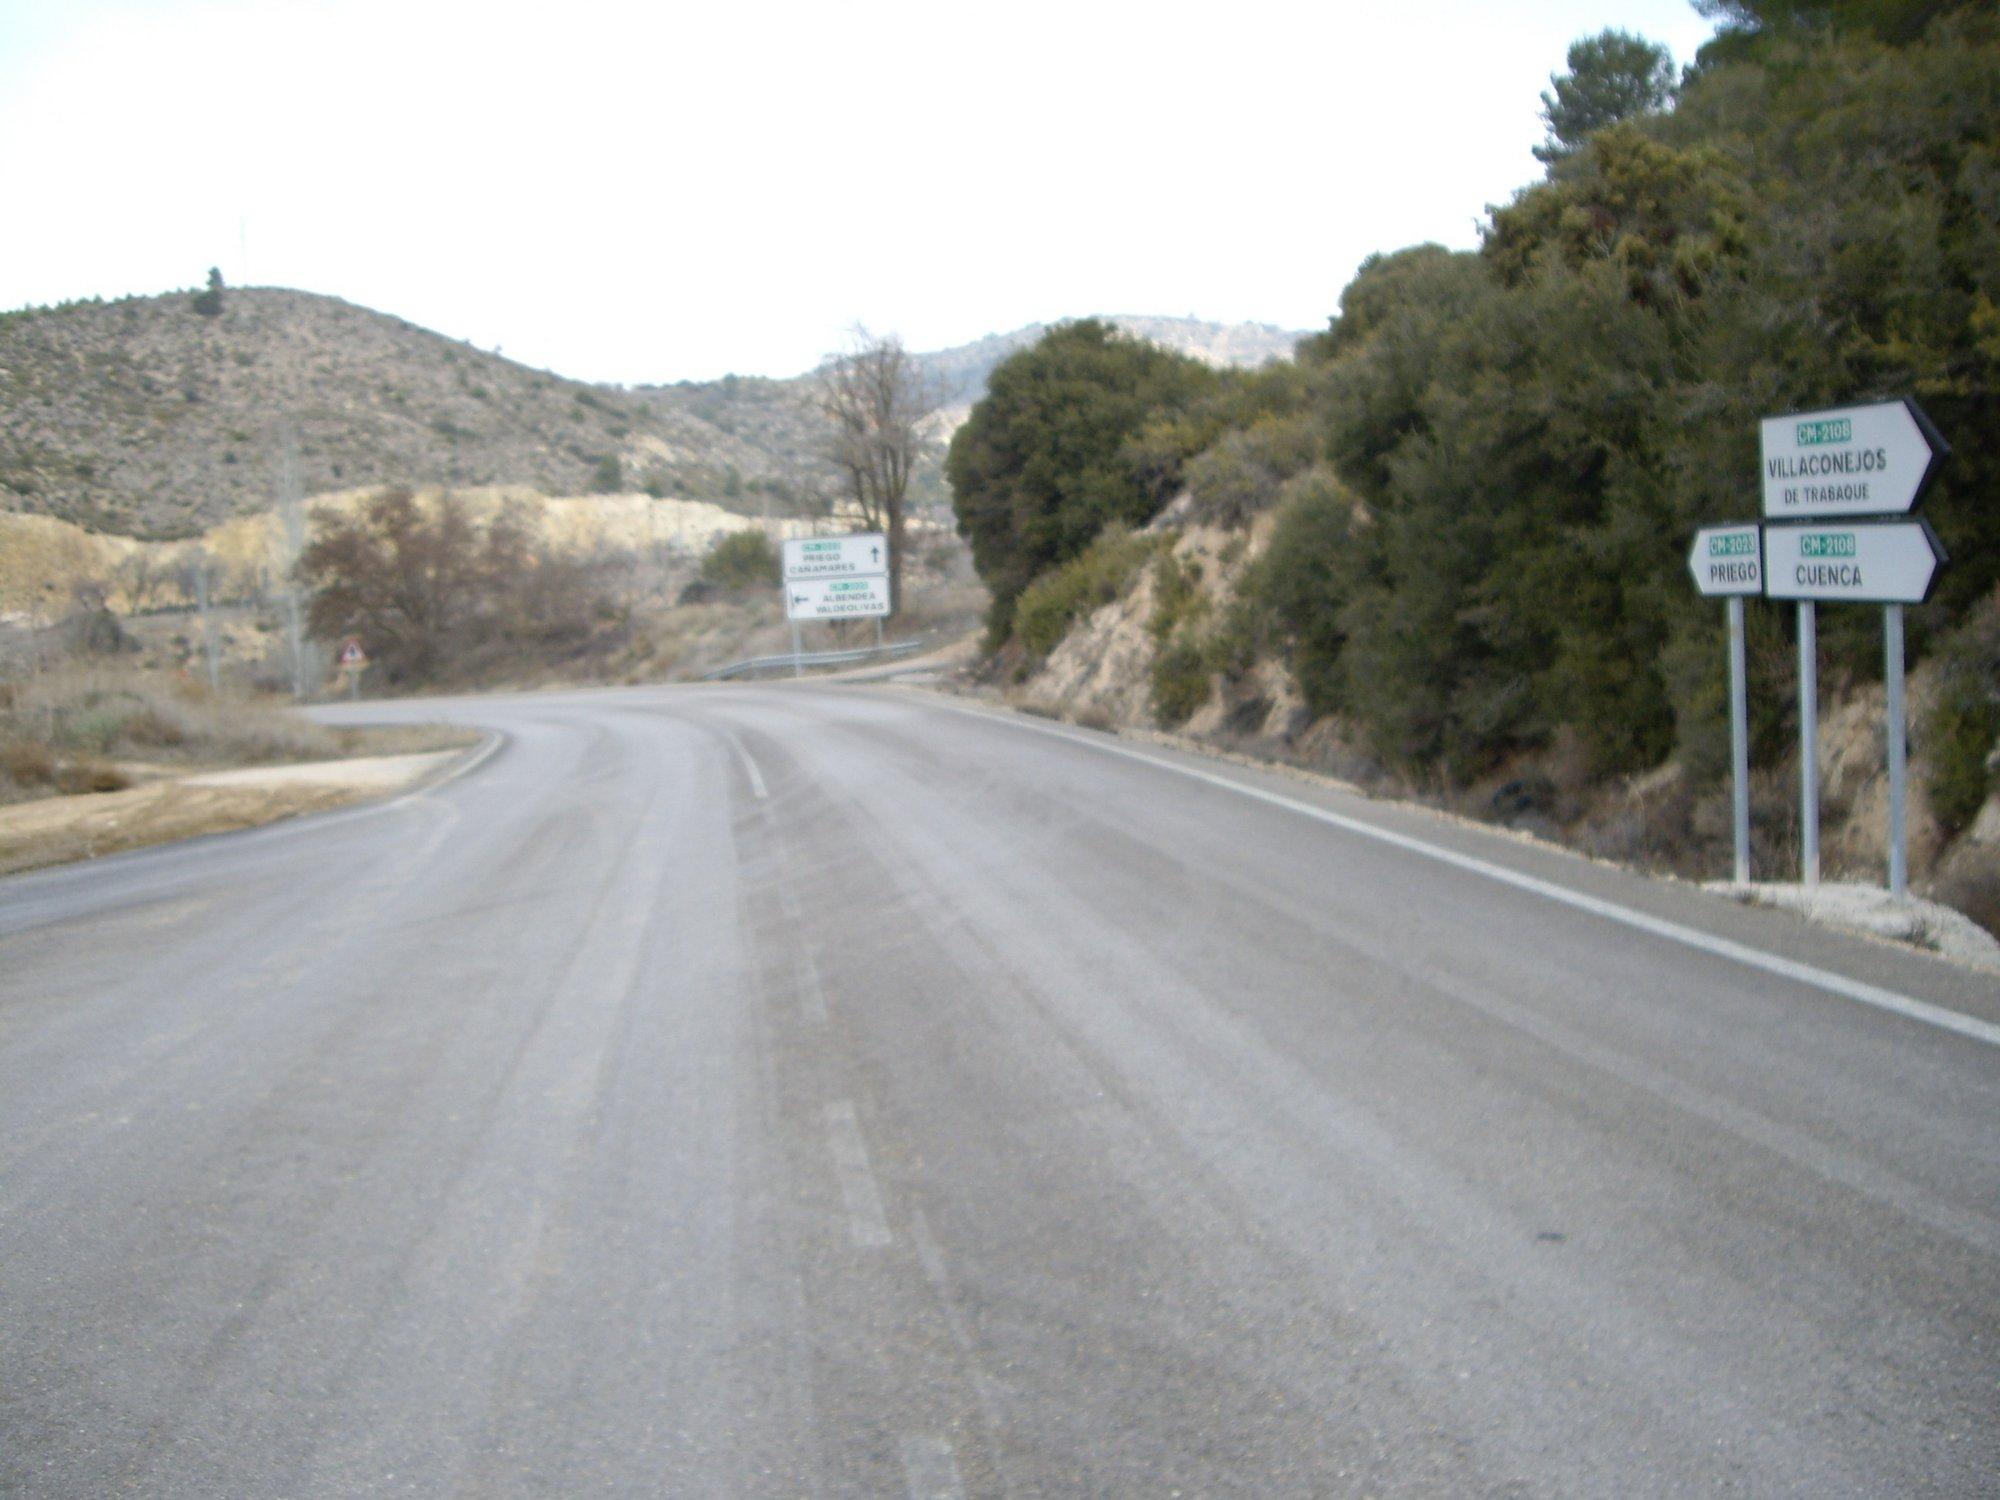 Normalidad en las carreteras de Castilla-La Mancha durante este Viernes Santo